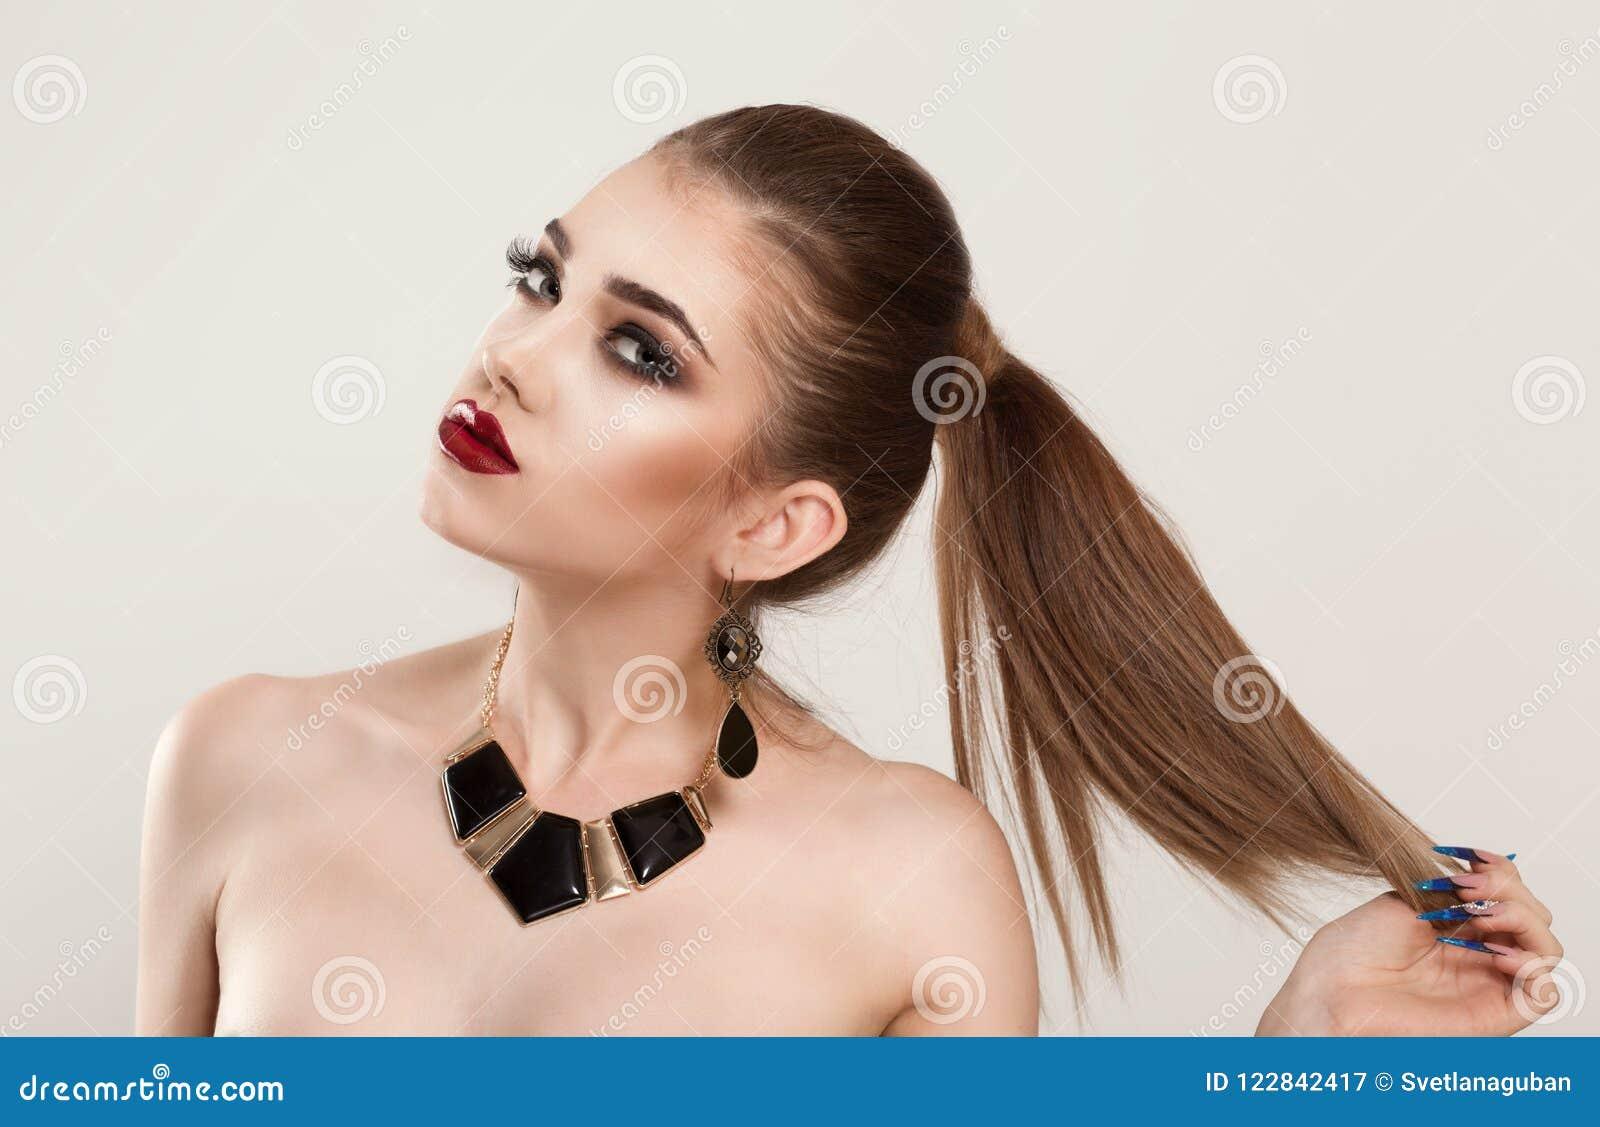 Kobiety dziewczyna trzyma jej włosy, chce pokazywać jej fryzury brązowi włosianego kolor